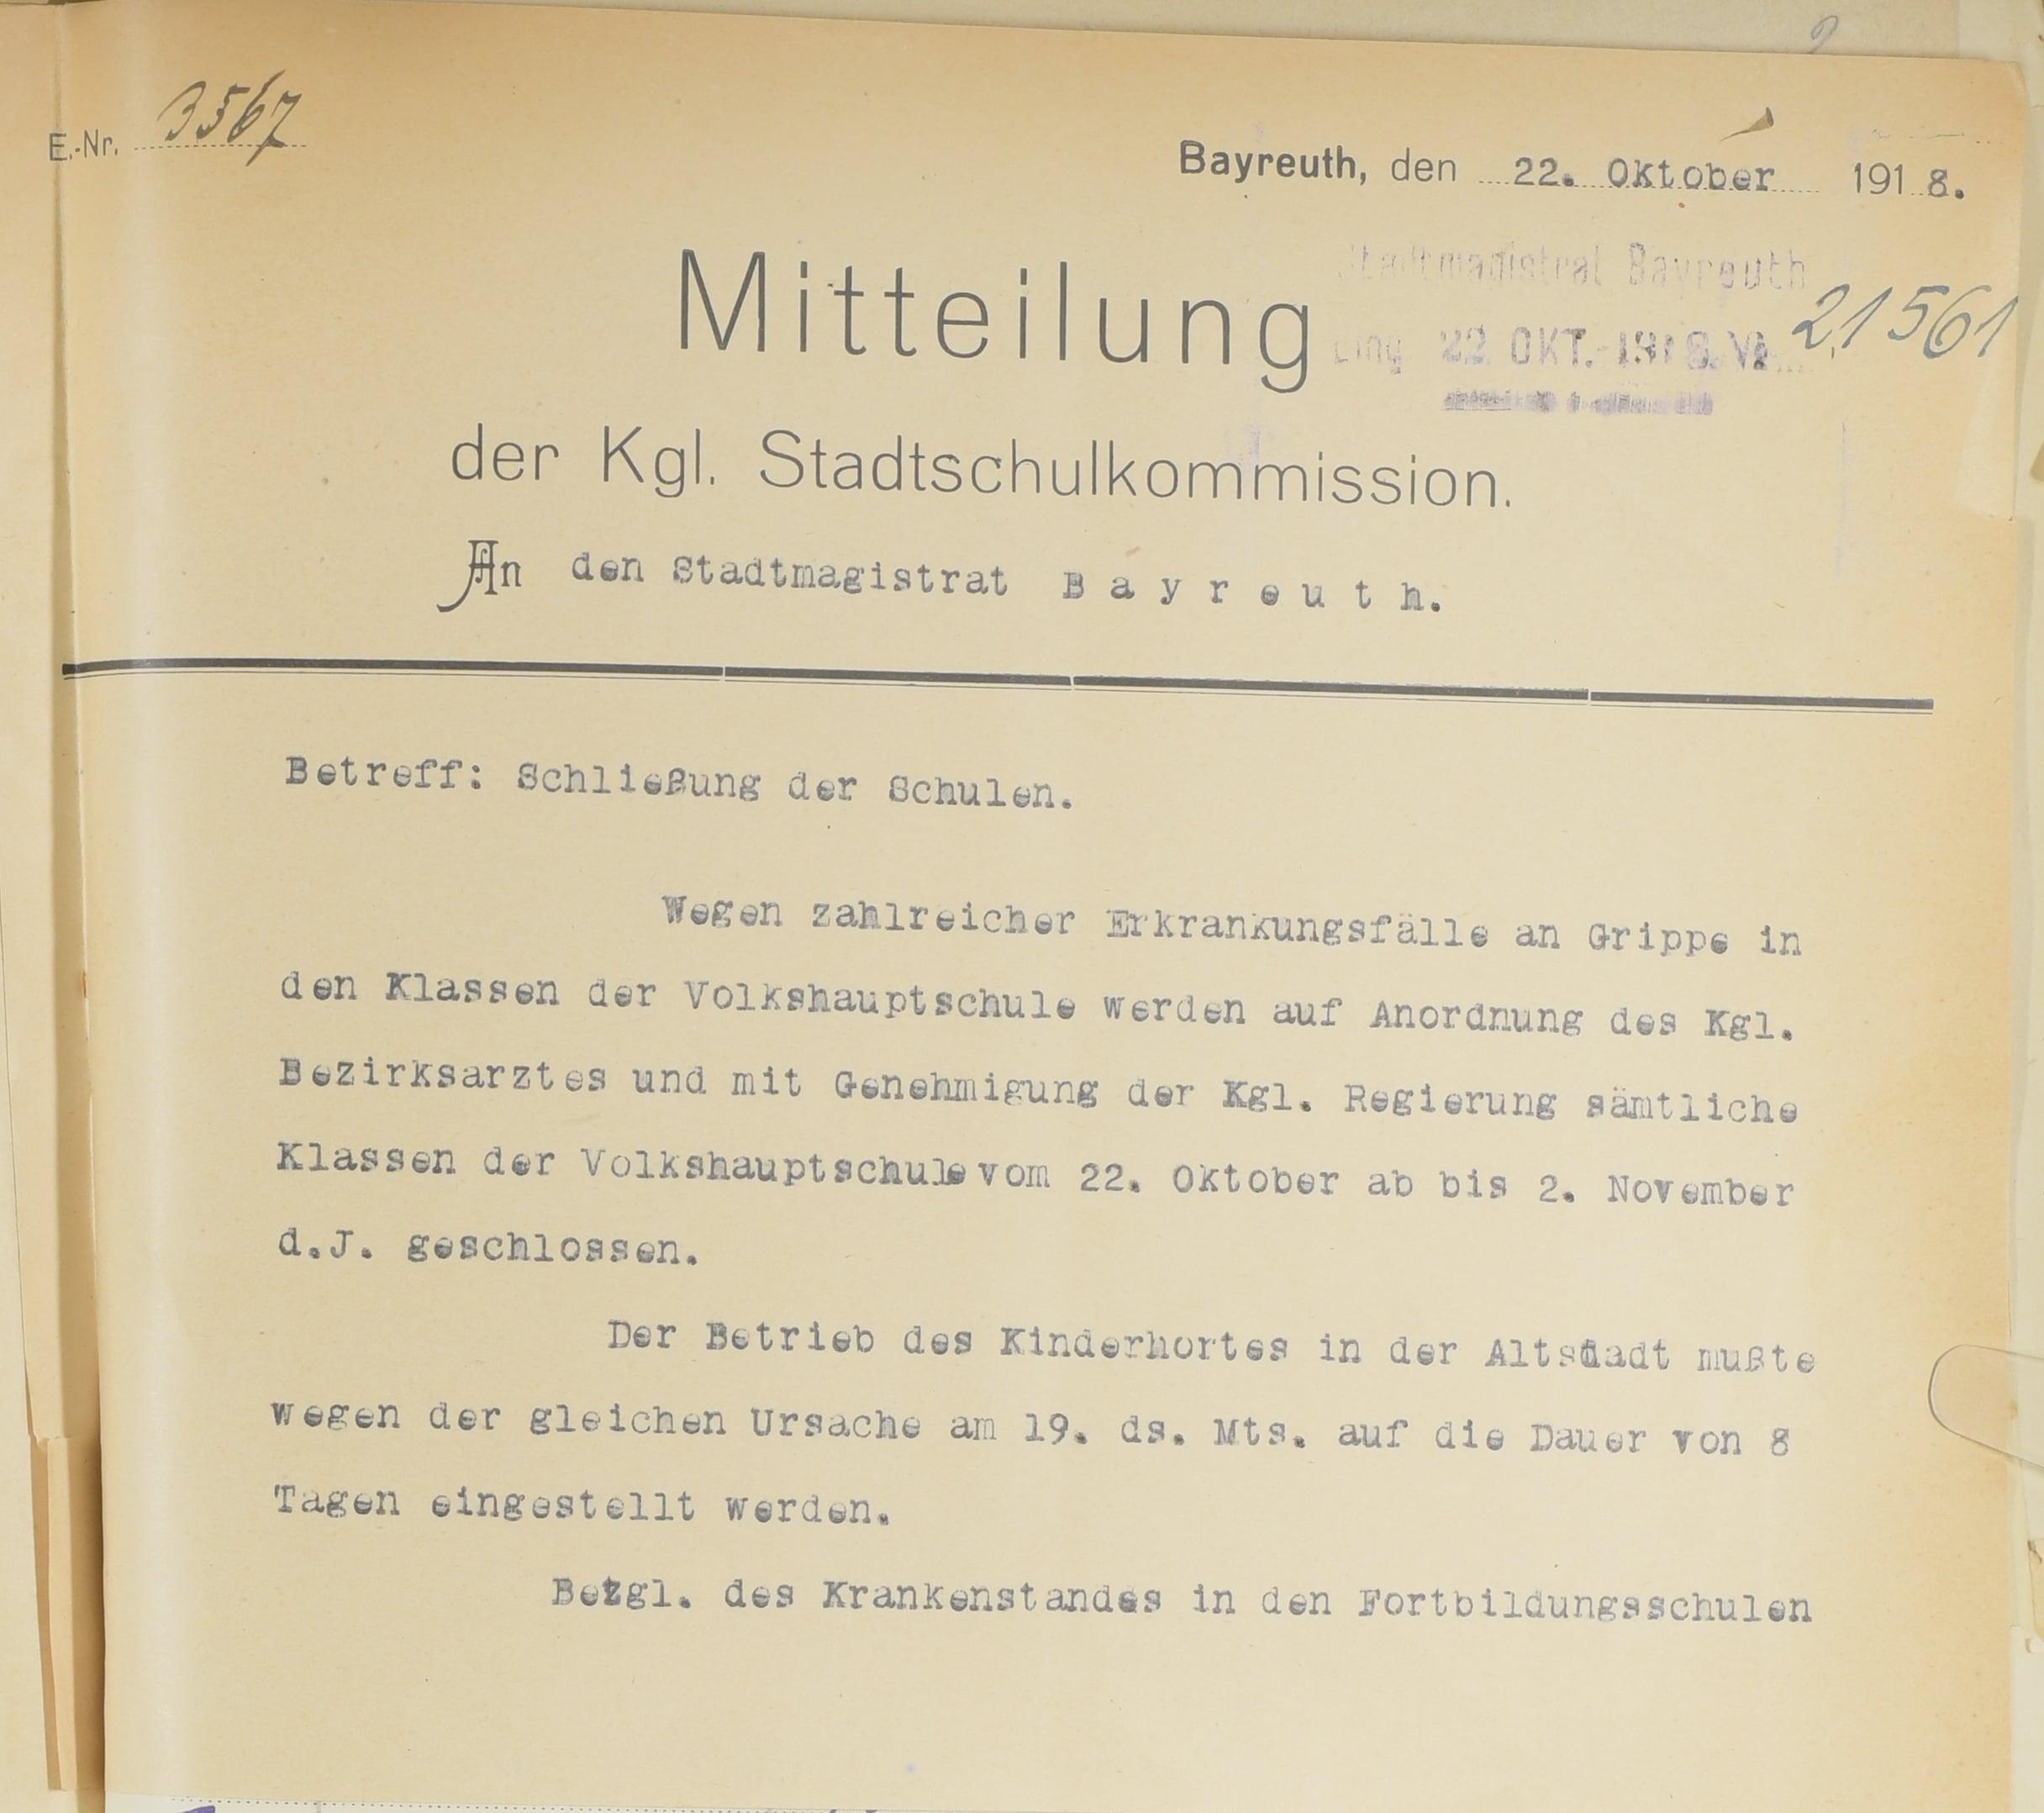 Mitteilung der Kgl. Stadtschulkommission vom 22. Oktober 1918 über Schließung der Schulen